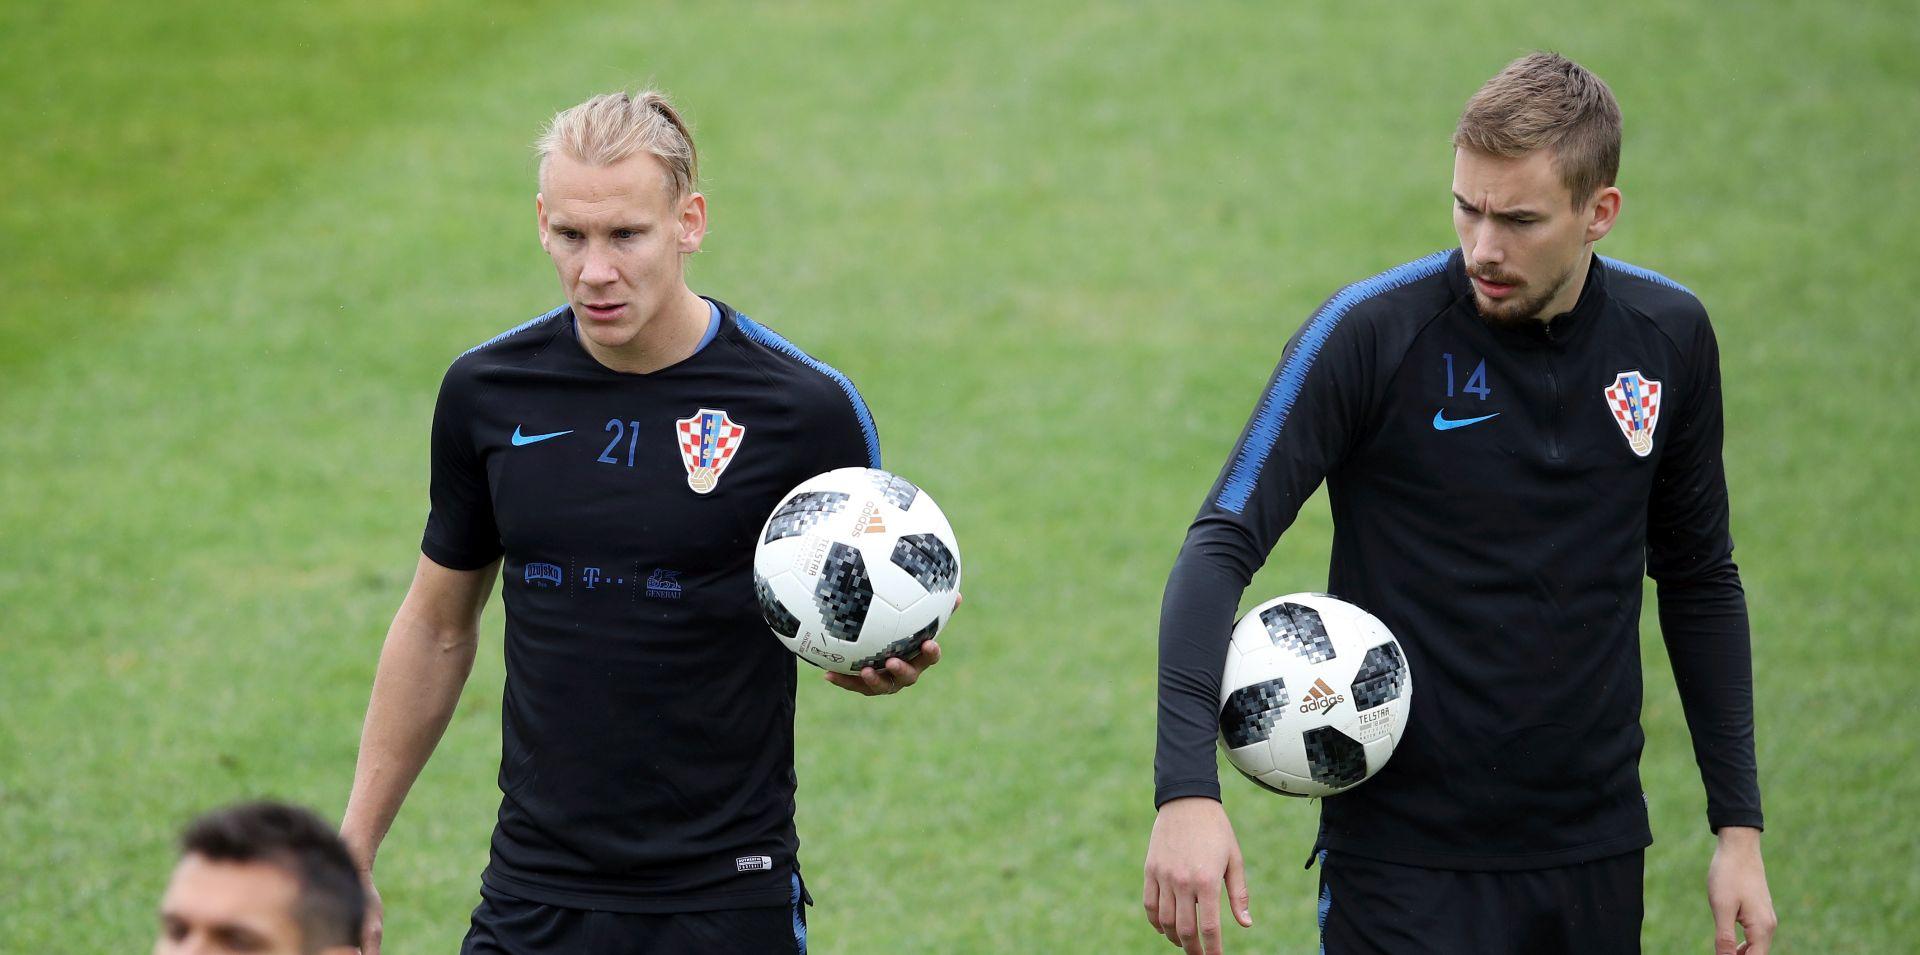 FIFA Vidi prijeti suspenzijom zbog pozdrava Ukrajini nakon utakmice s Rusijom